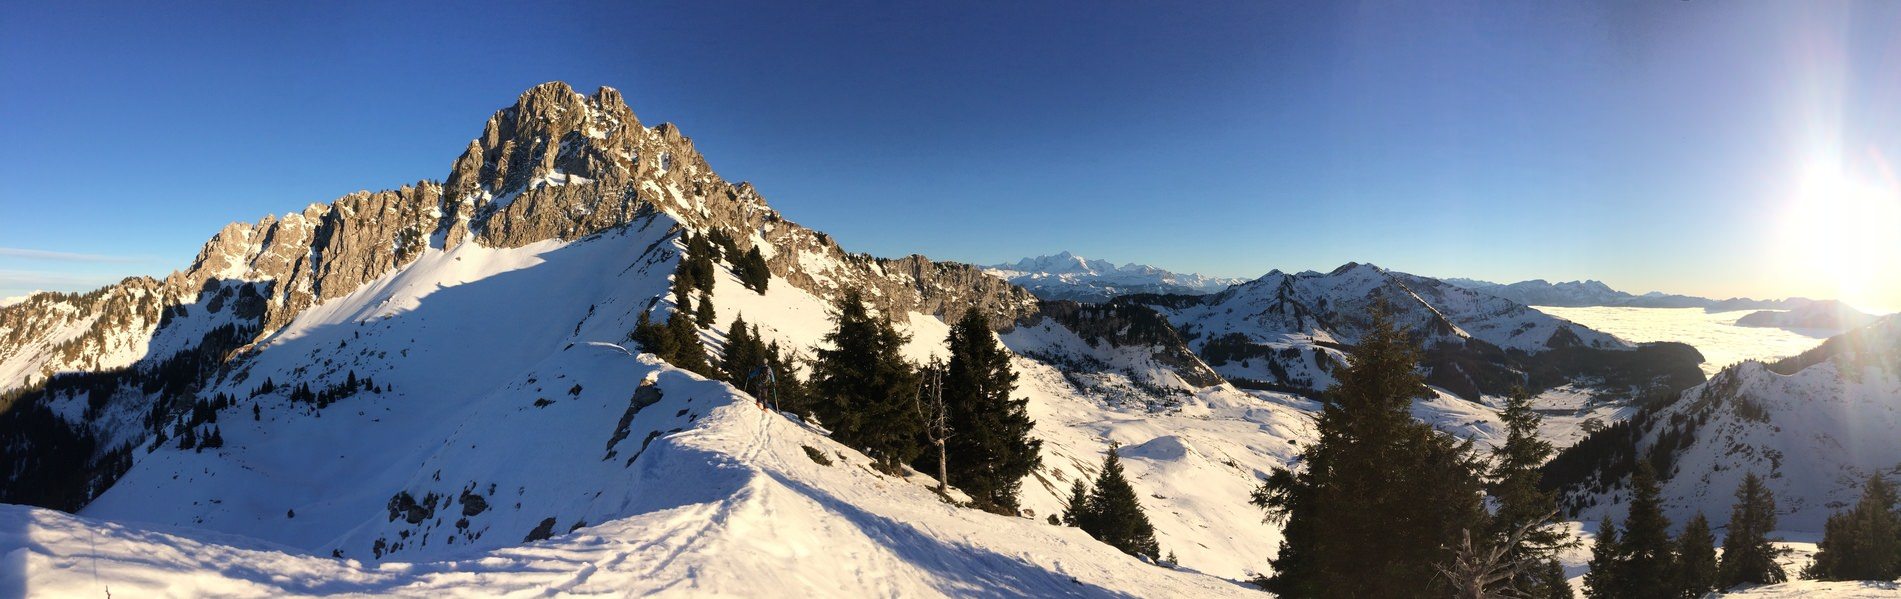 Paysage d'hiver - Praz de Lys Sommand